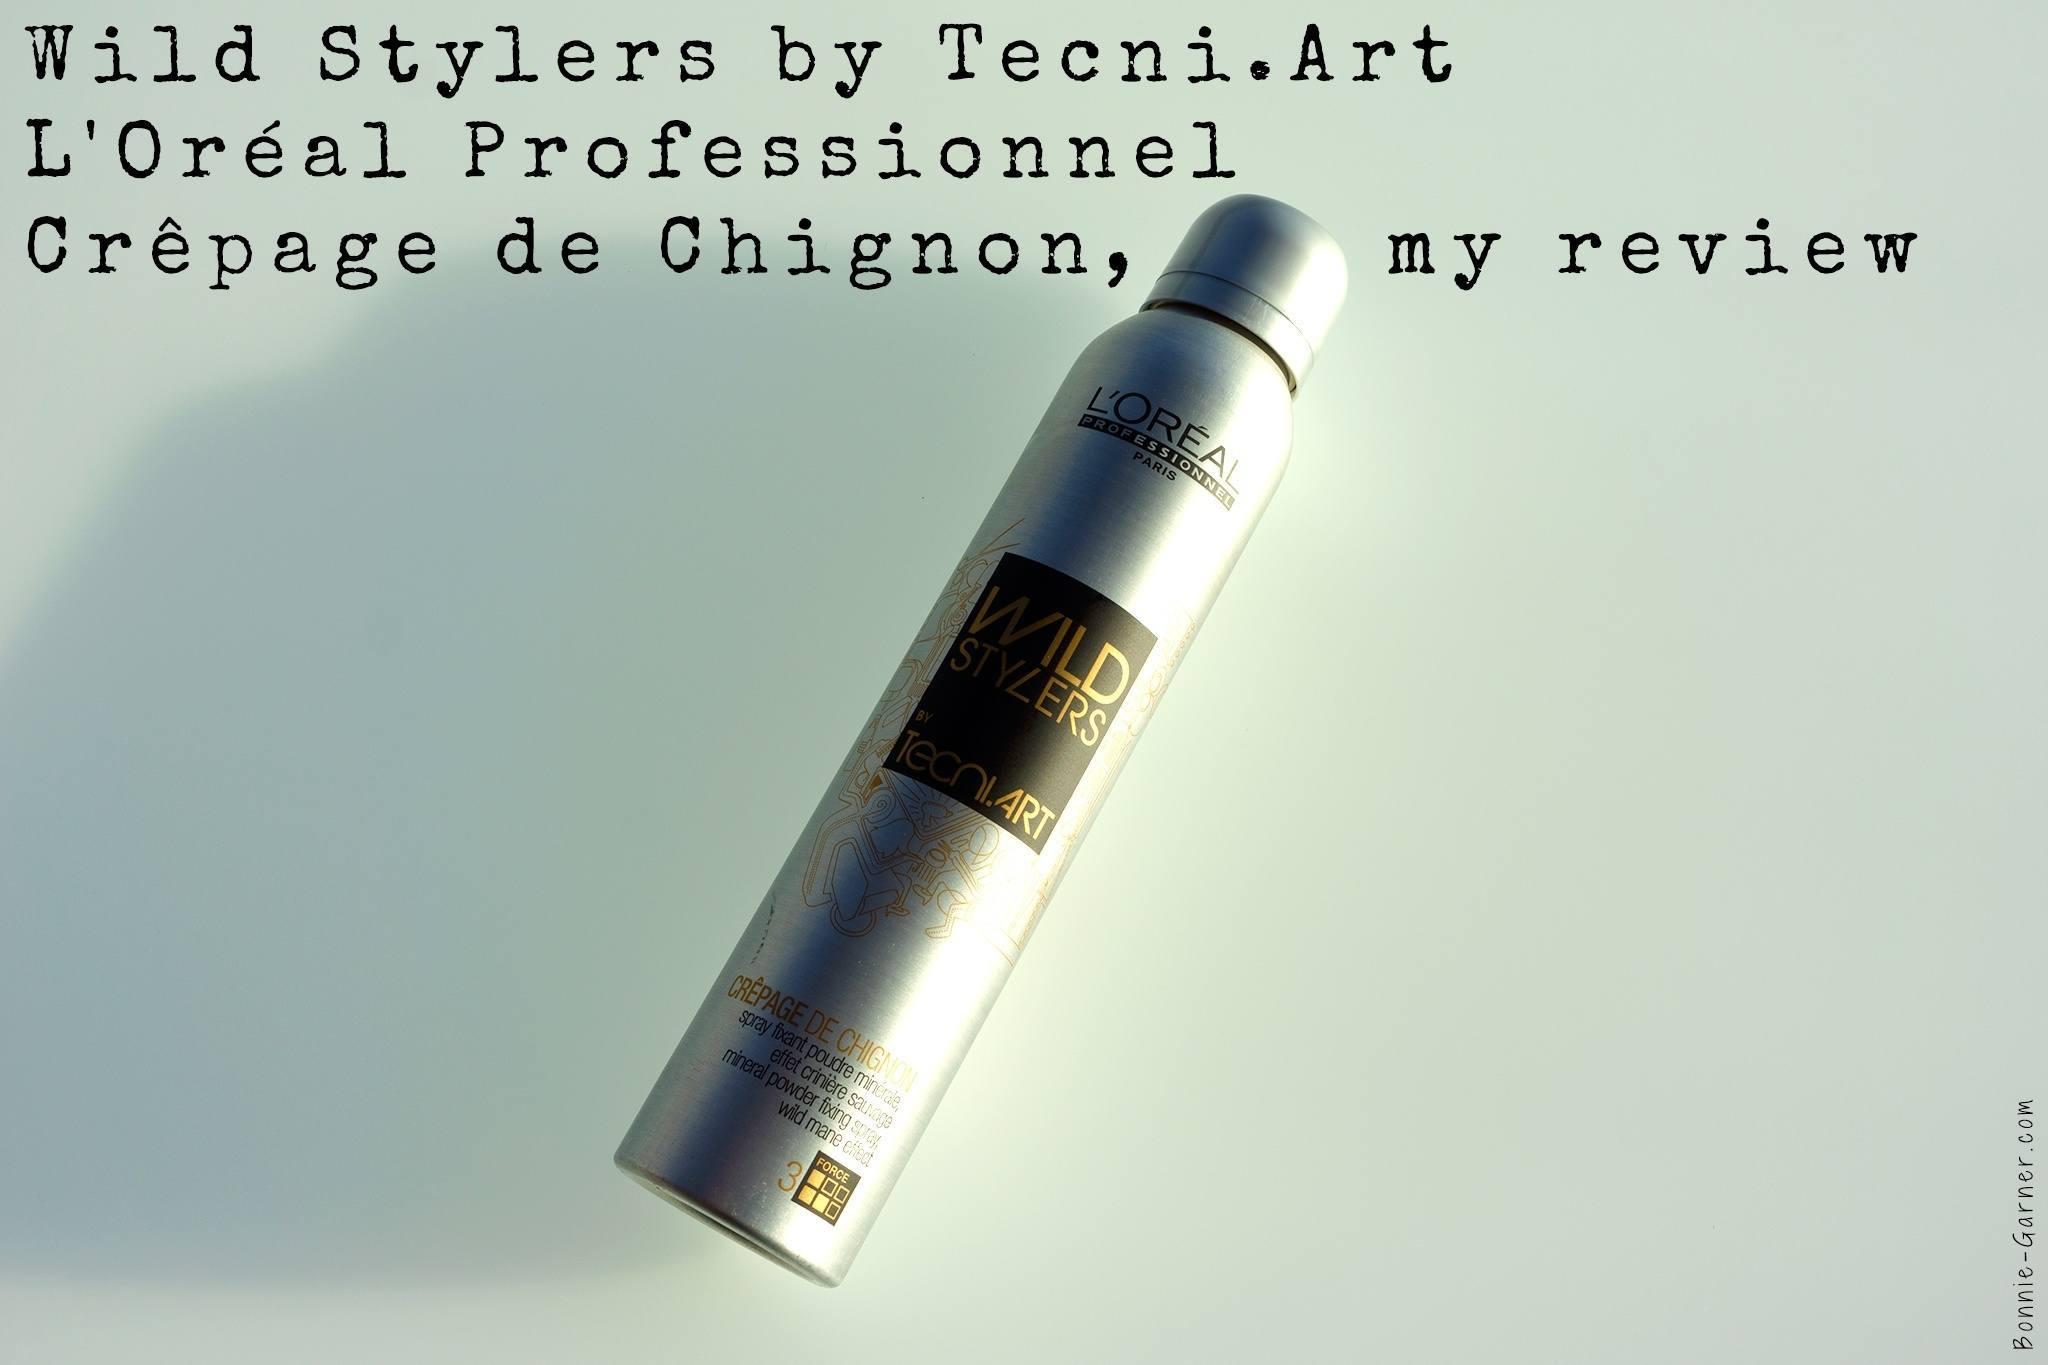 Wild Stylers by Tecni.Art L'Oréal Professionnel Crêpage de Chignon, my review